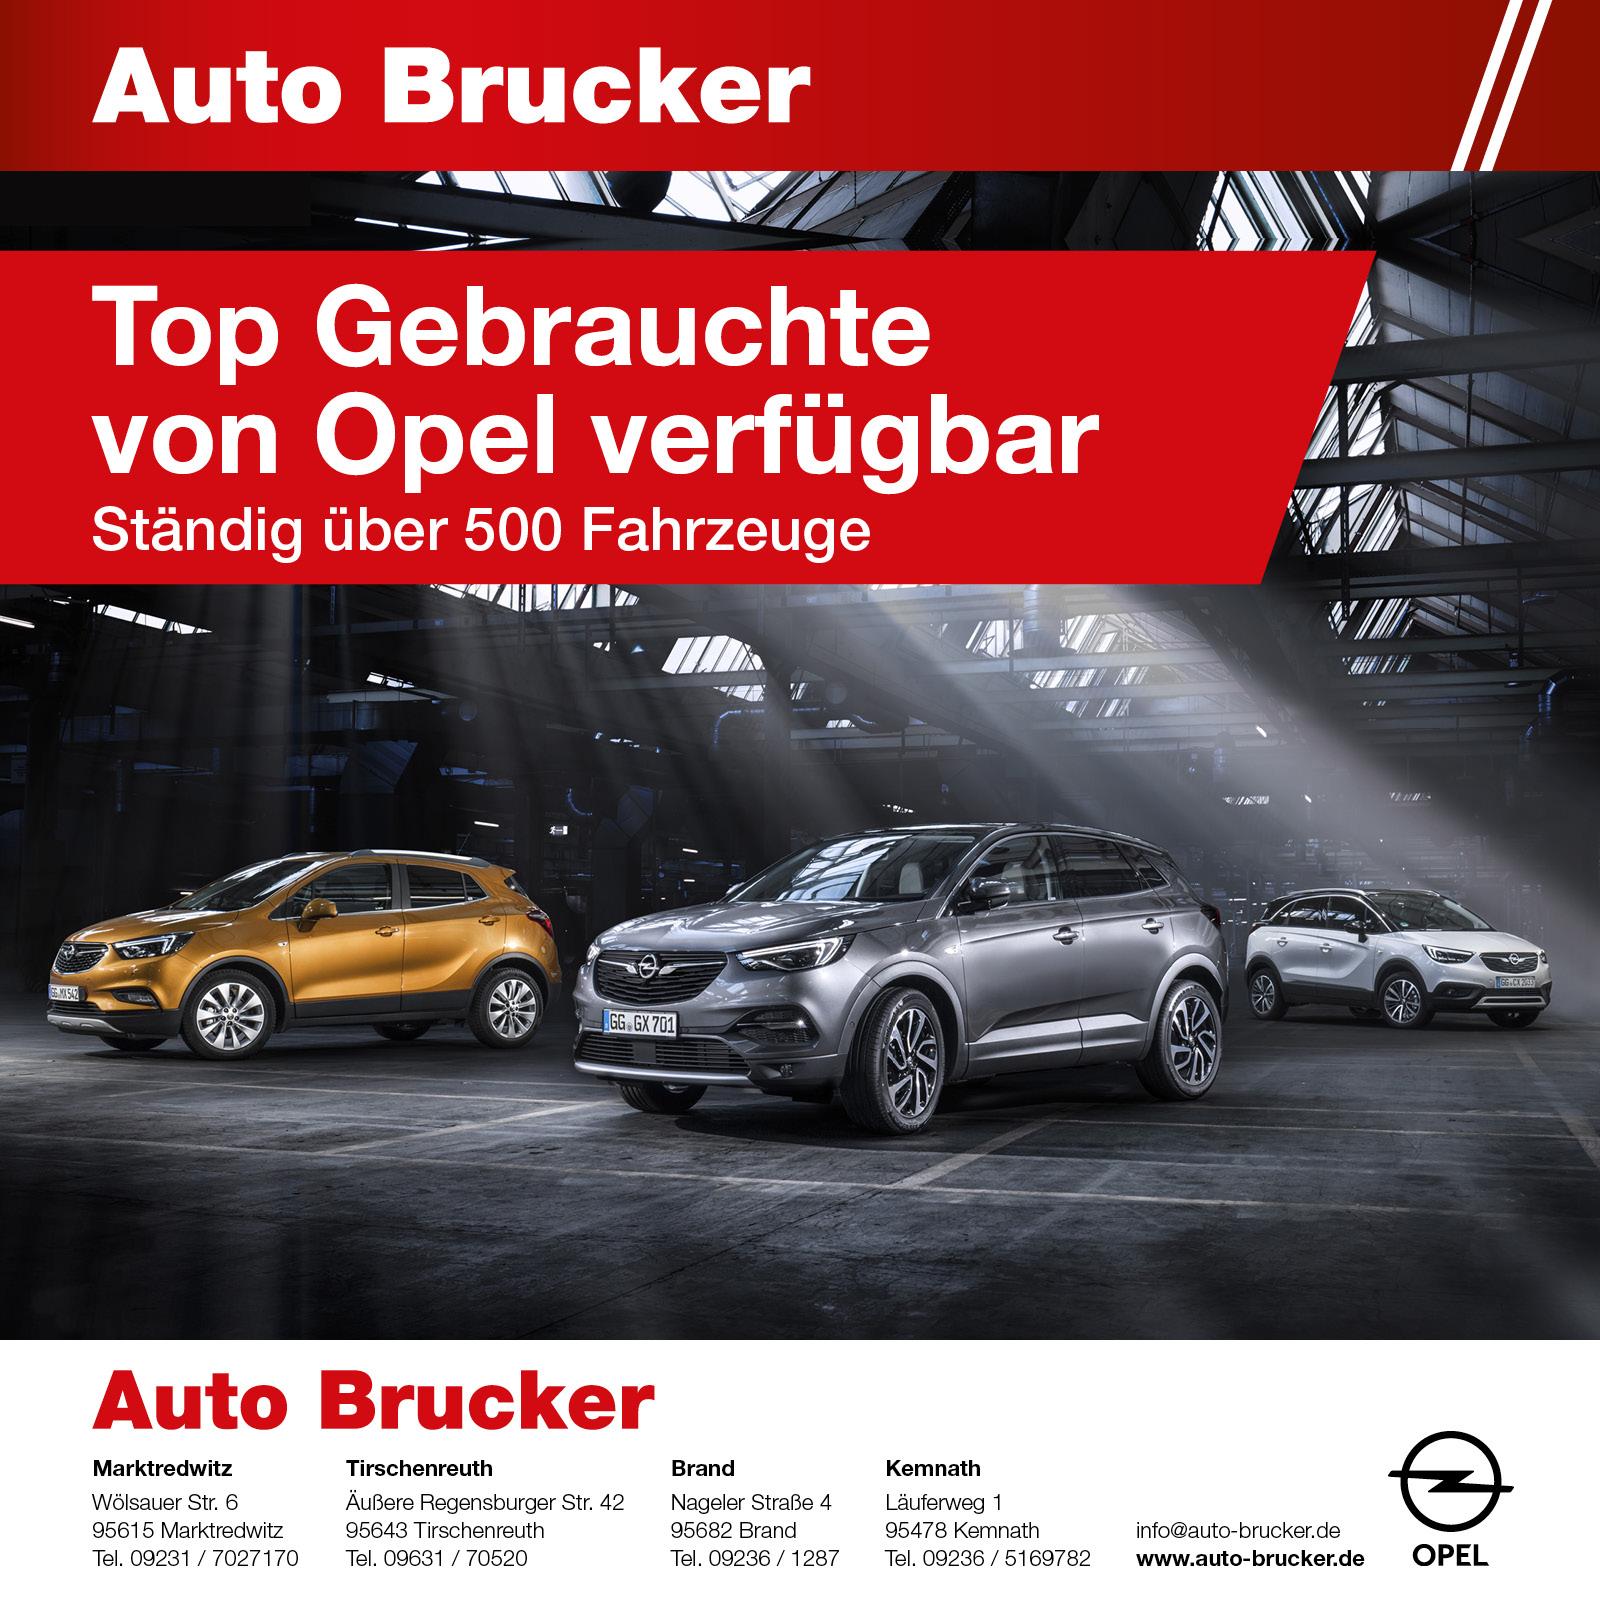 03_Opel_Gebrauchtwagen_1600x1600px